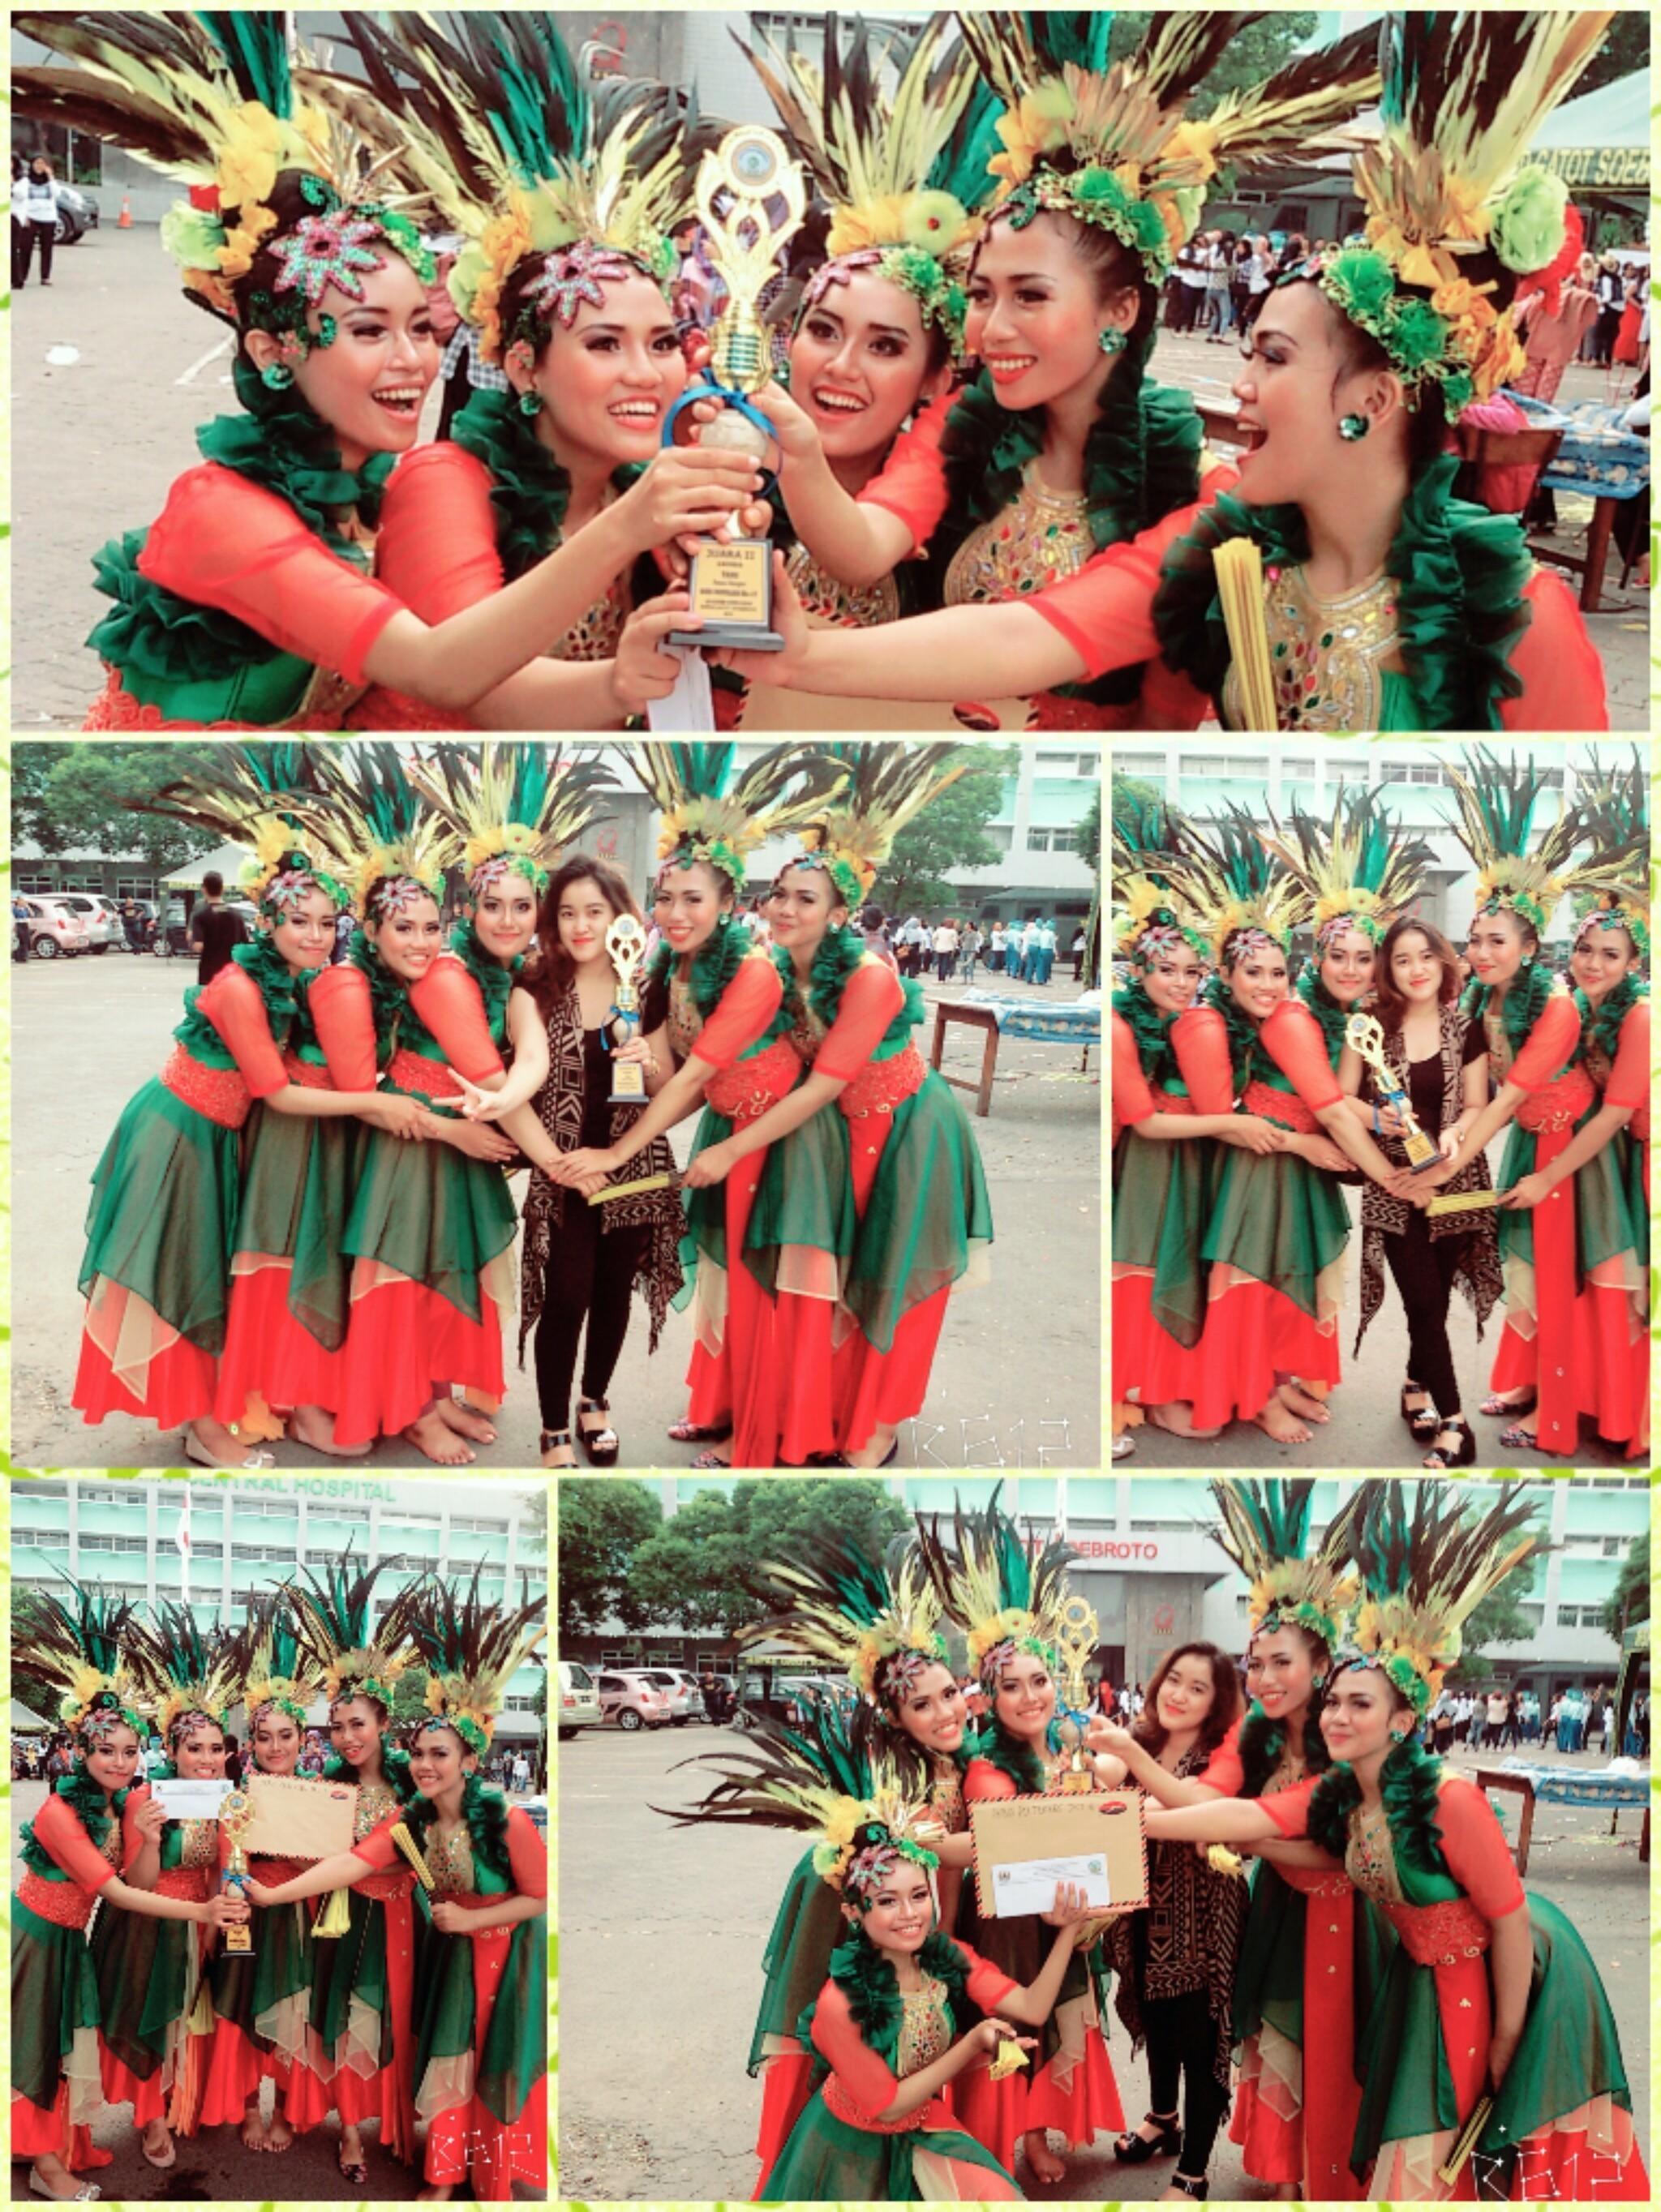 d'dancers